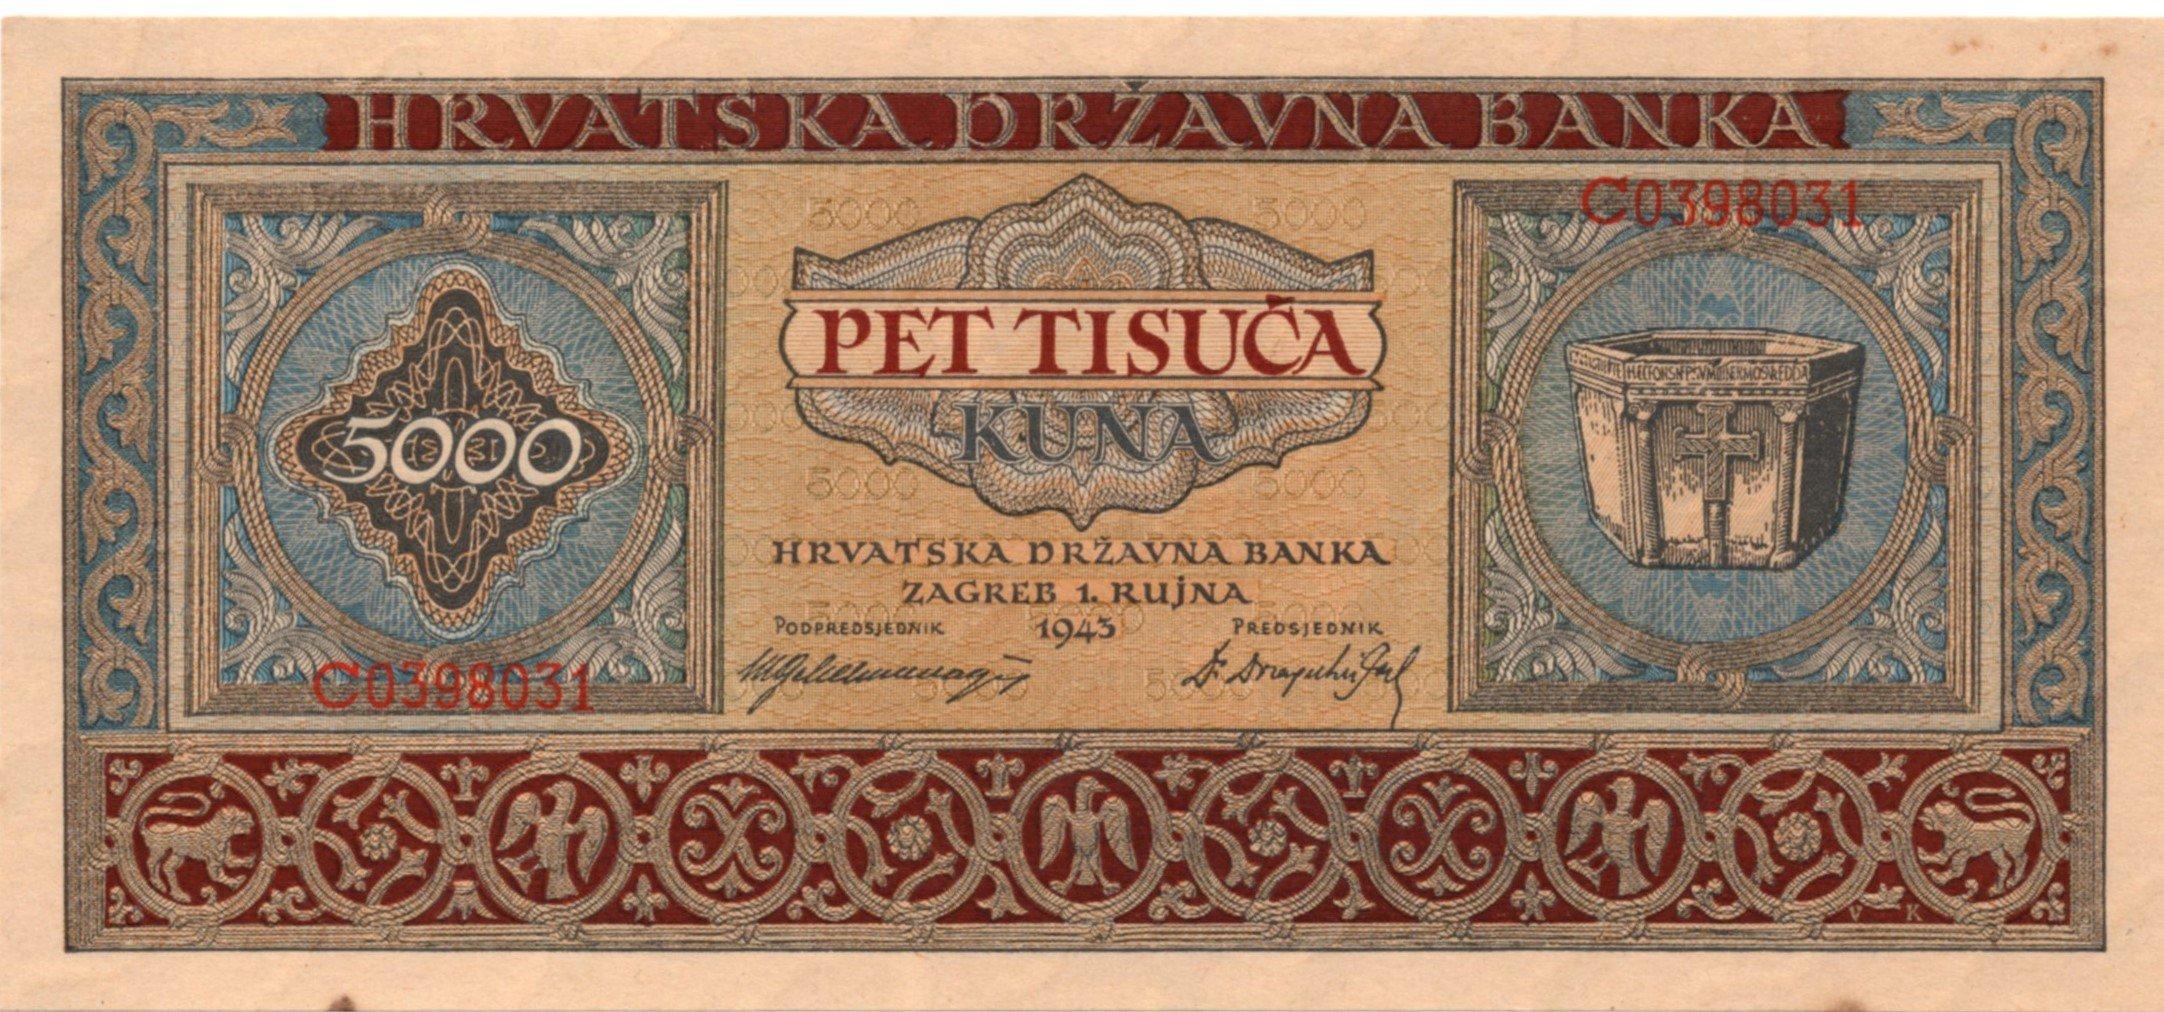 croatia 5000 kuna